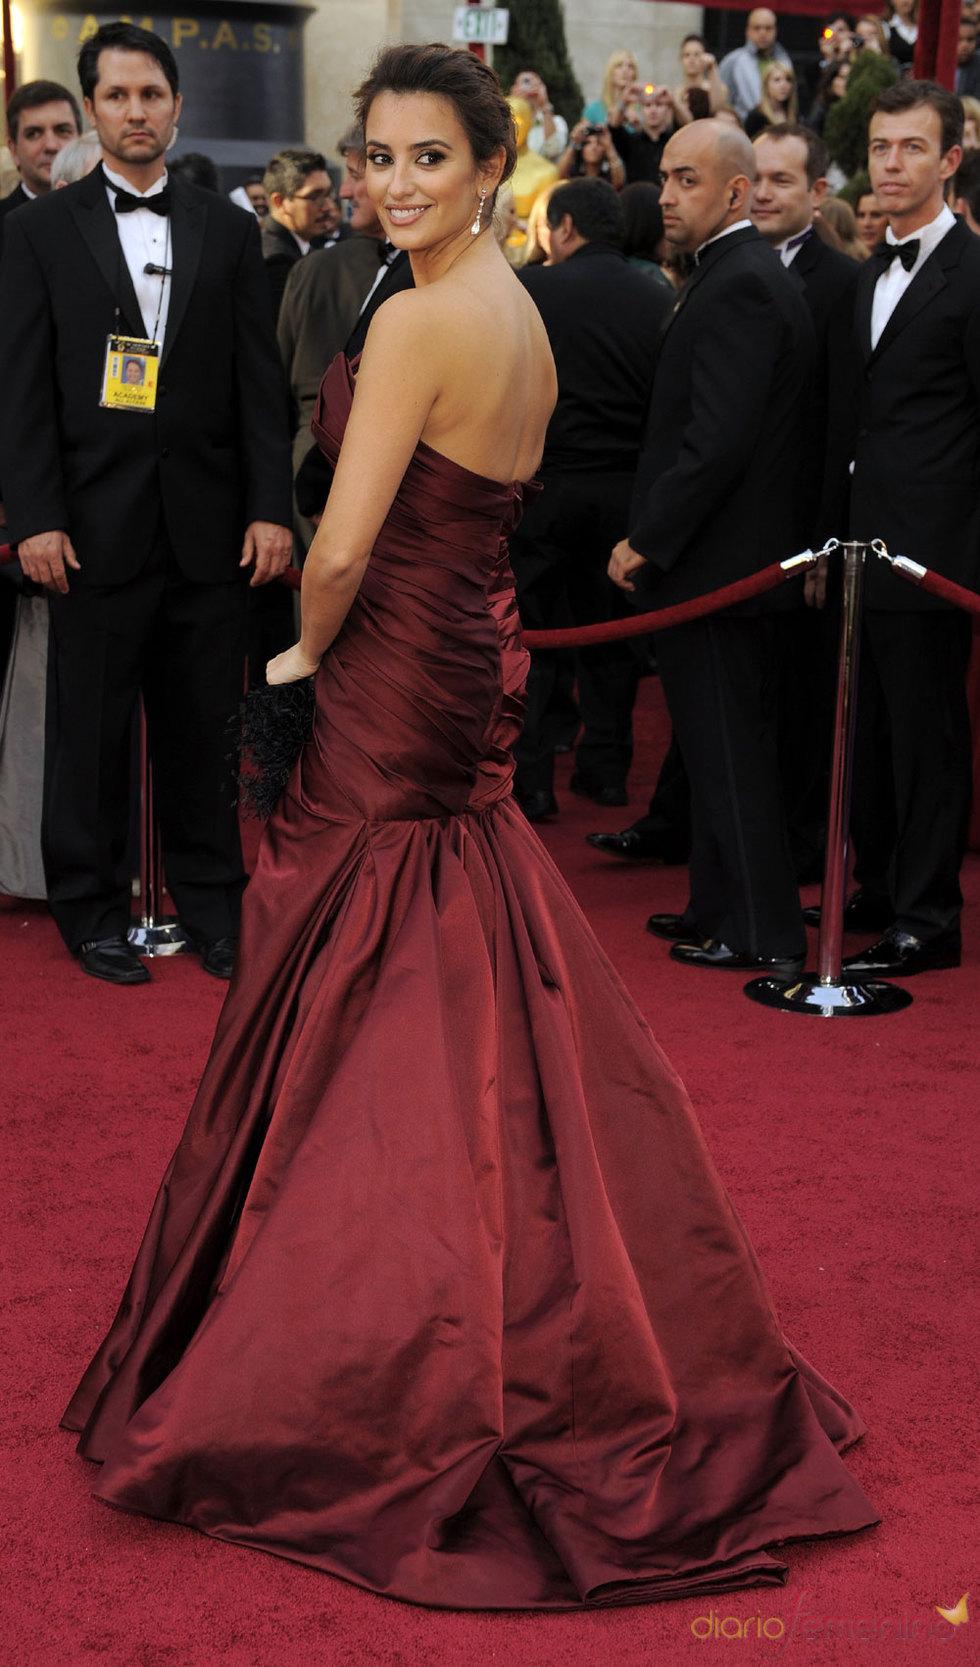 Penélope Cruz linda en la alfombra roja de los Oscars 2010